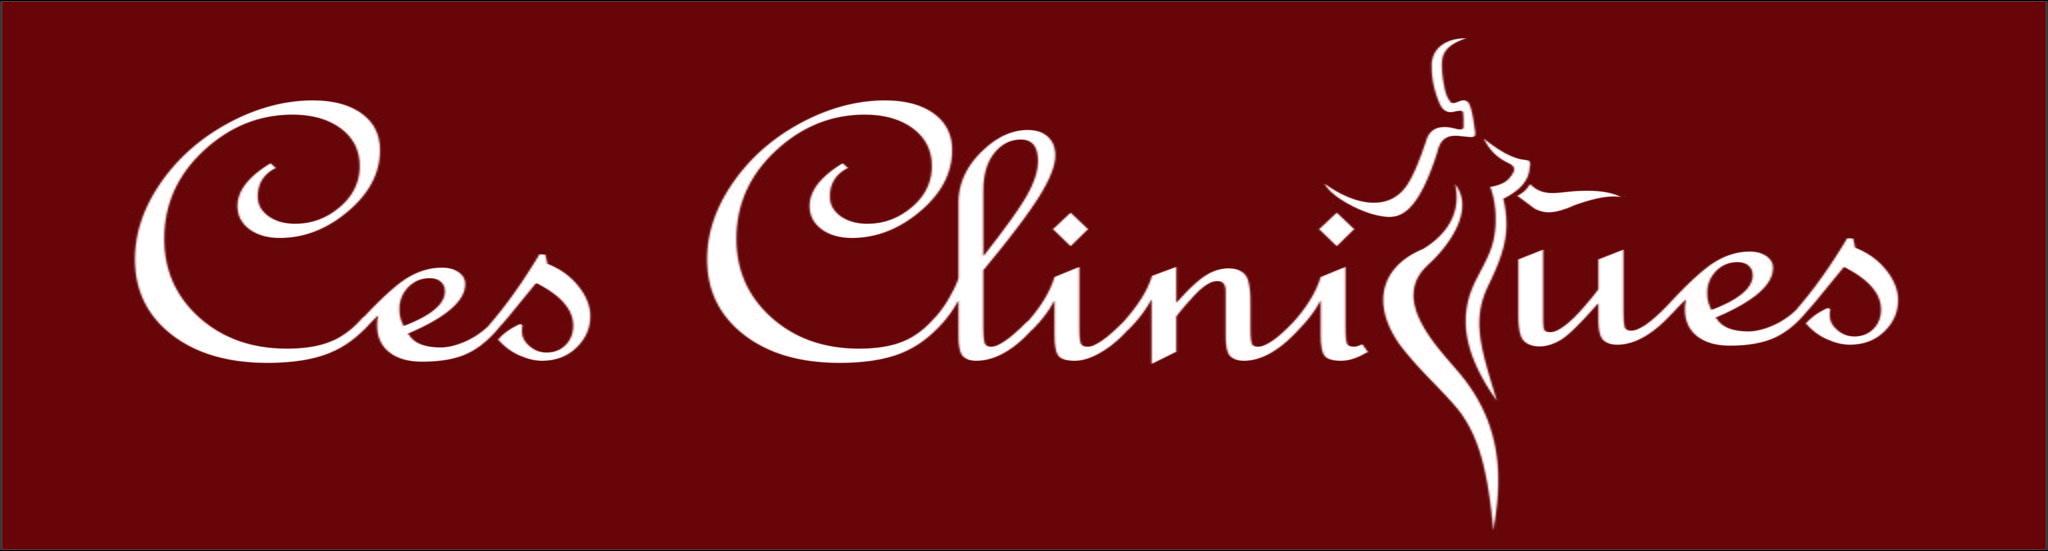 Ces Cliniques - Logo.jpg